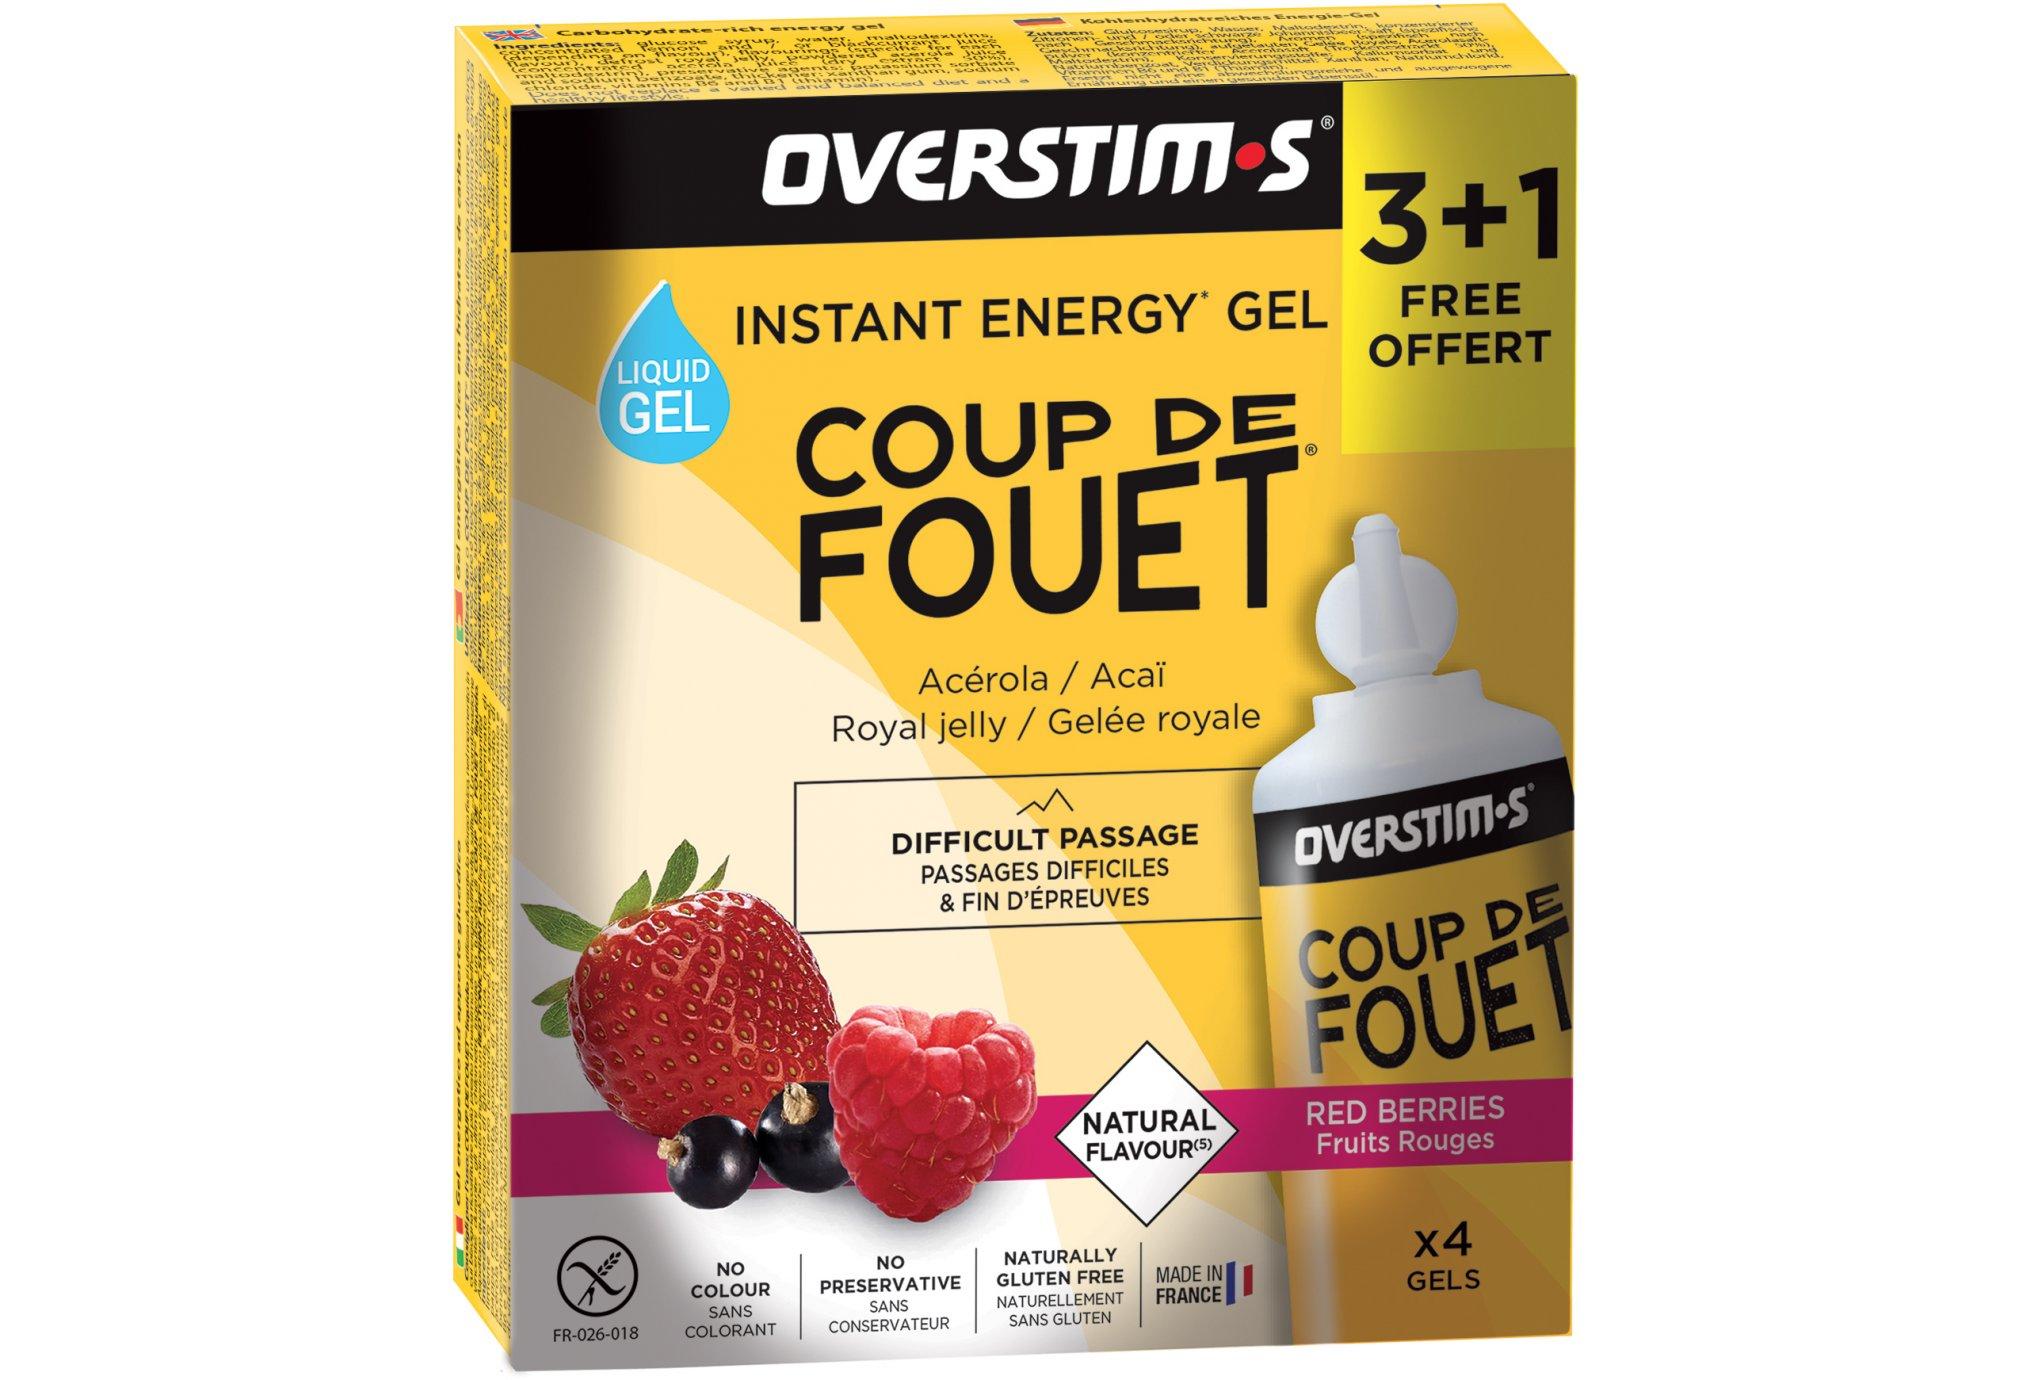 OVERSTIMS Étui Gels Energie Instantanée Coup de Fouet 3+1 - Fruits rouges Diététique Gels